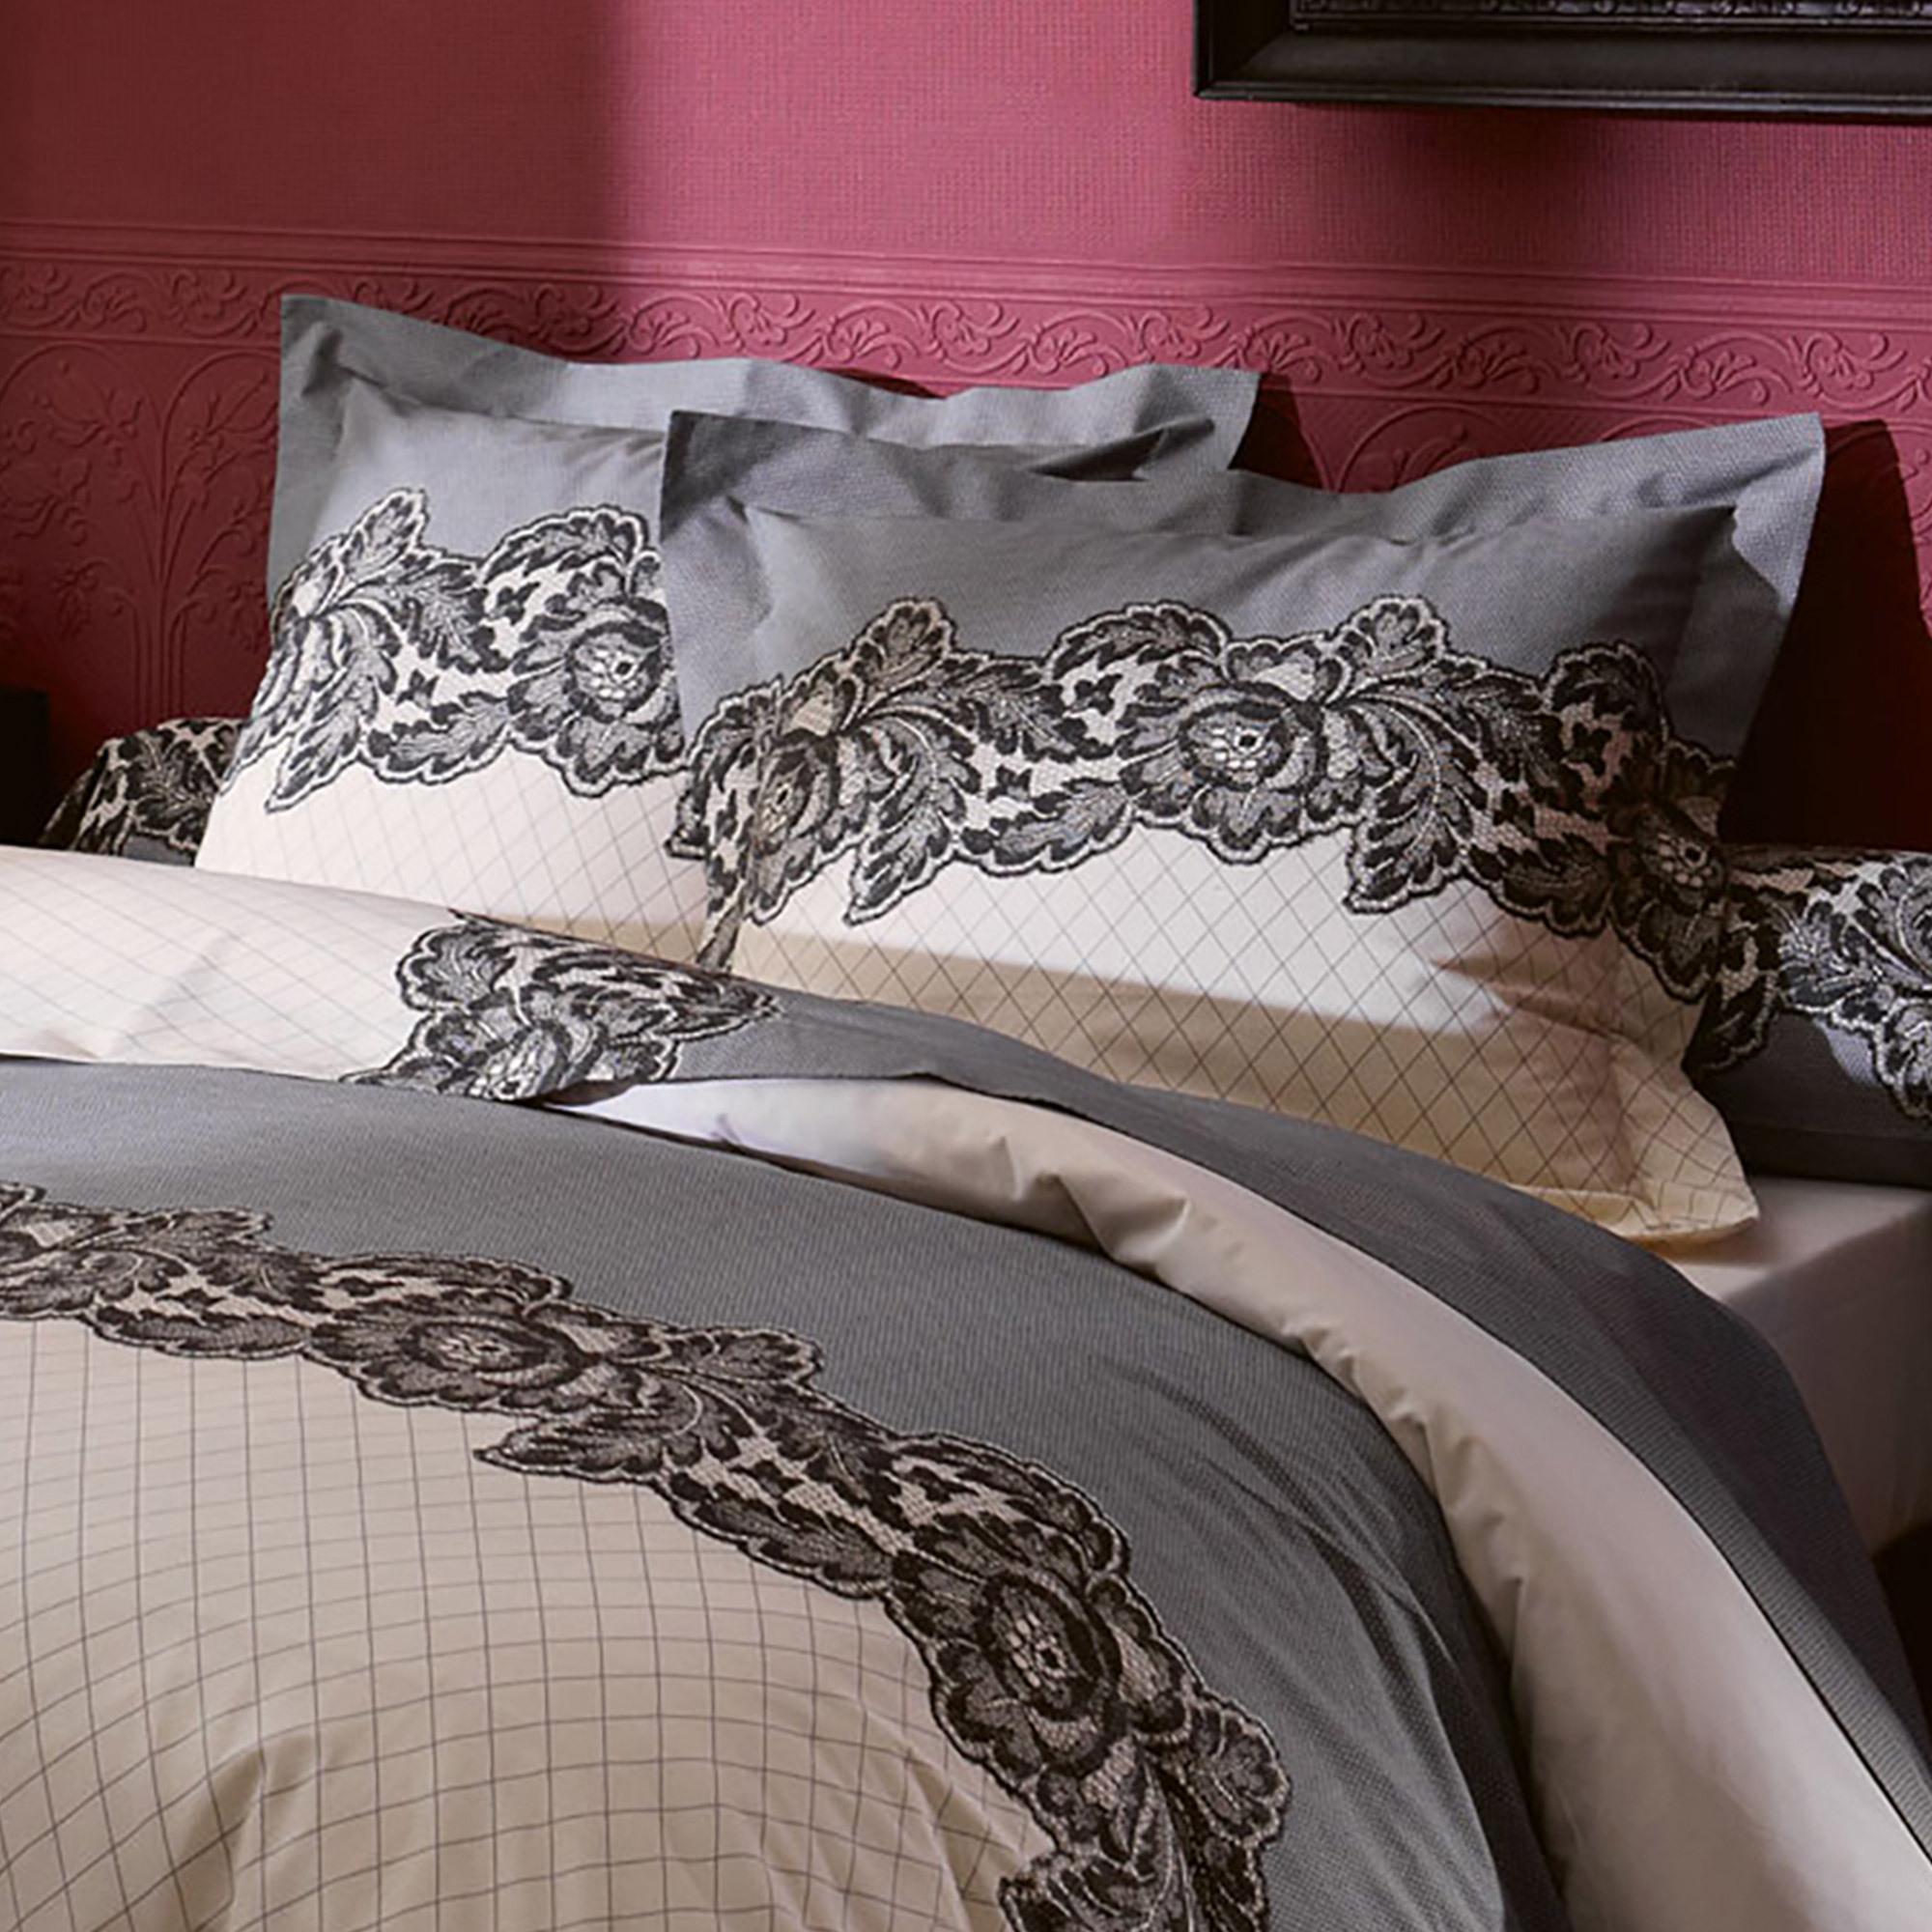 linge de lit linnea Parure de lit 300x240 cm MALICE | Linnea vente de linge de maison linge de lit linnea